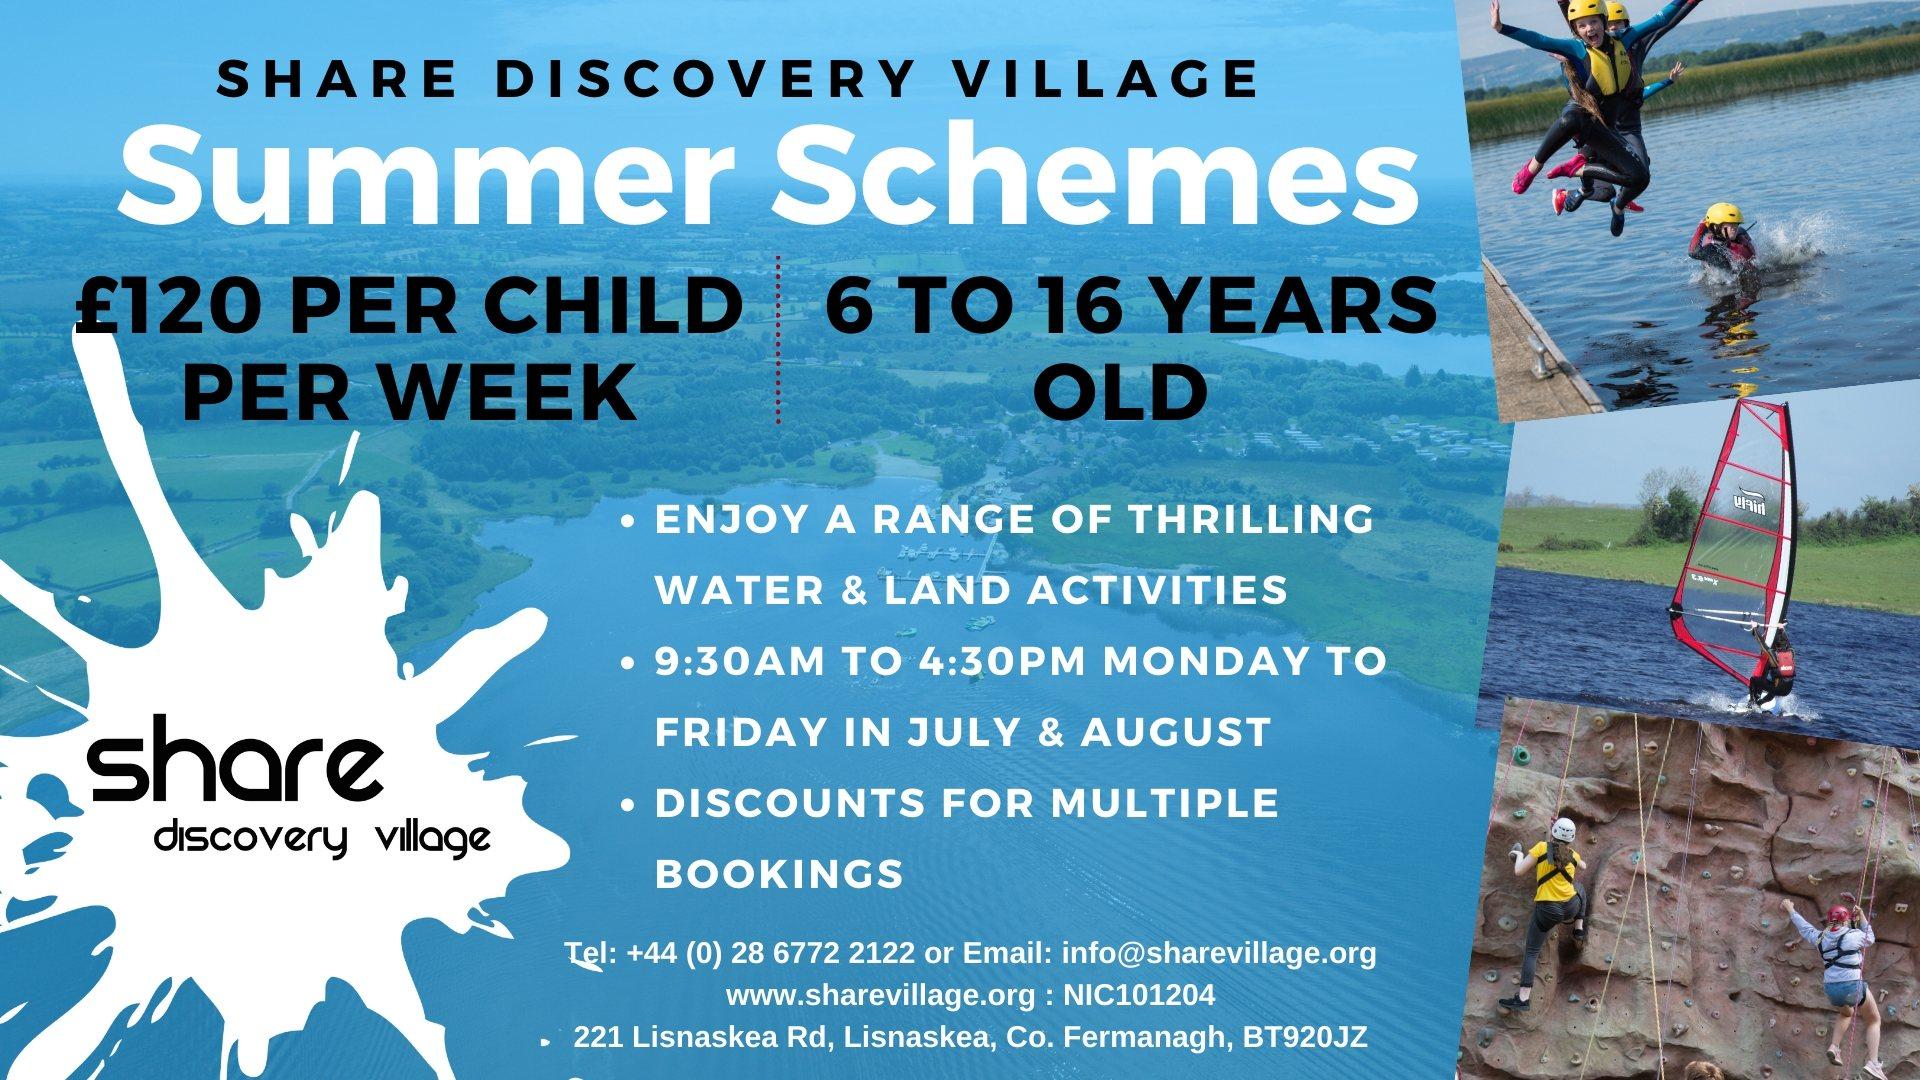 Summer Schemes